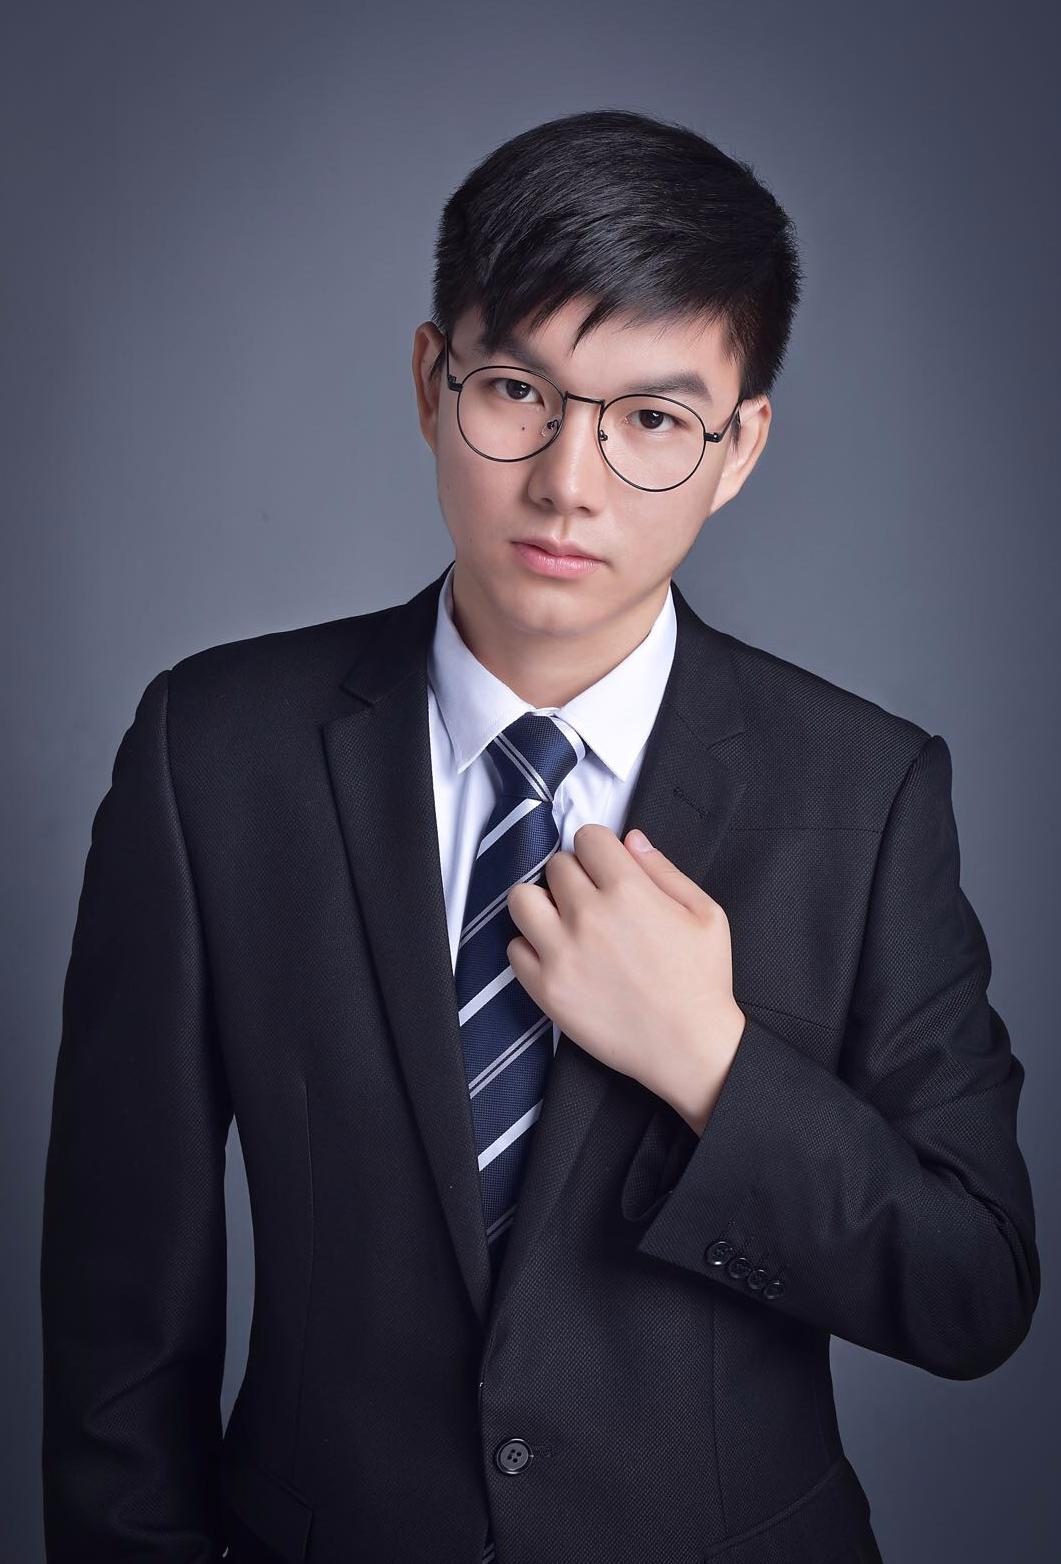 宁波联智生活家设计师朱昊林